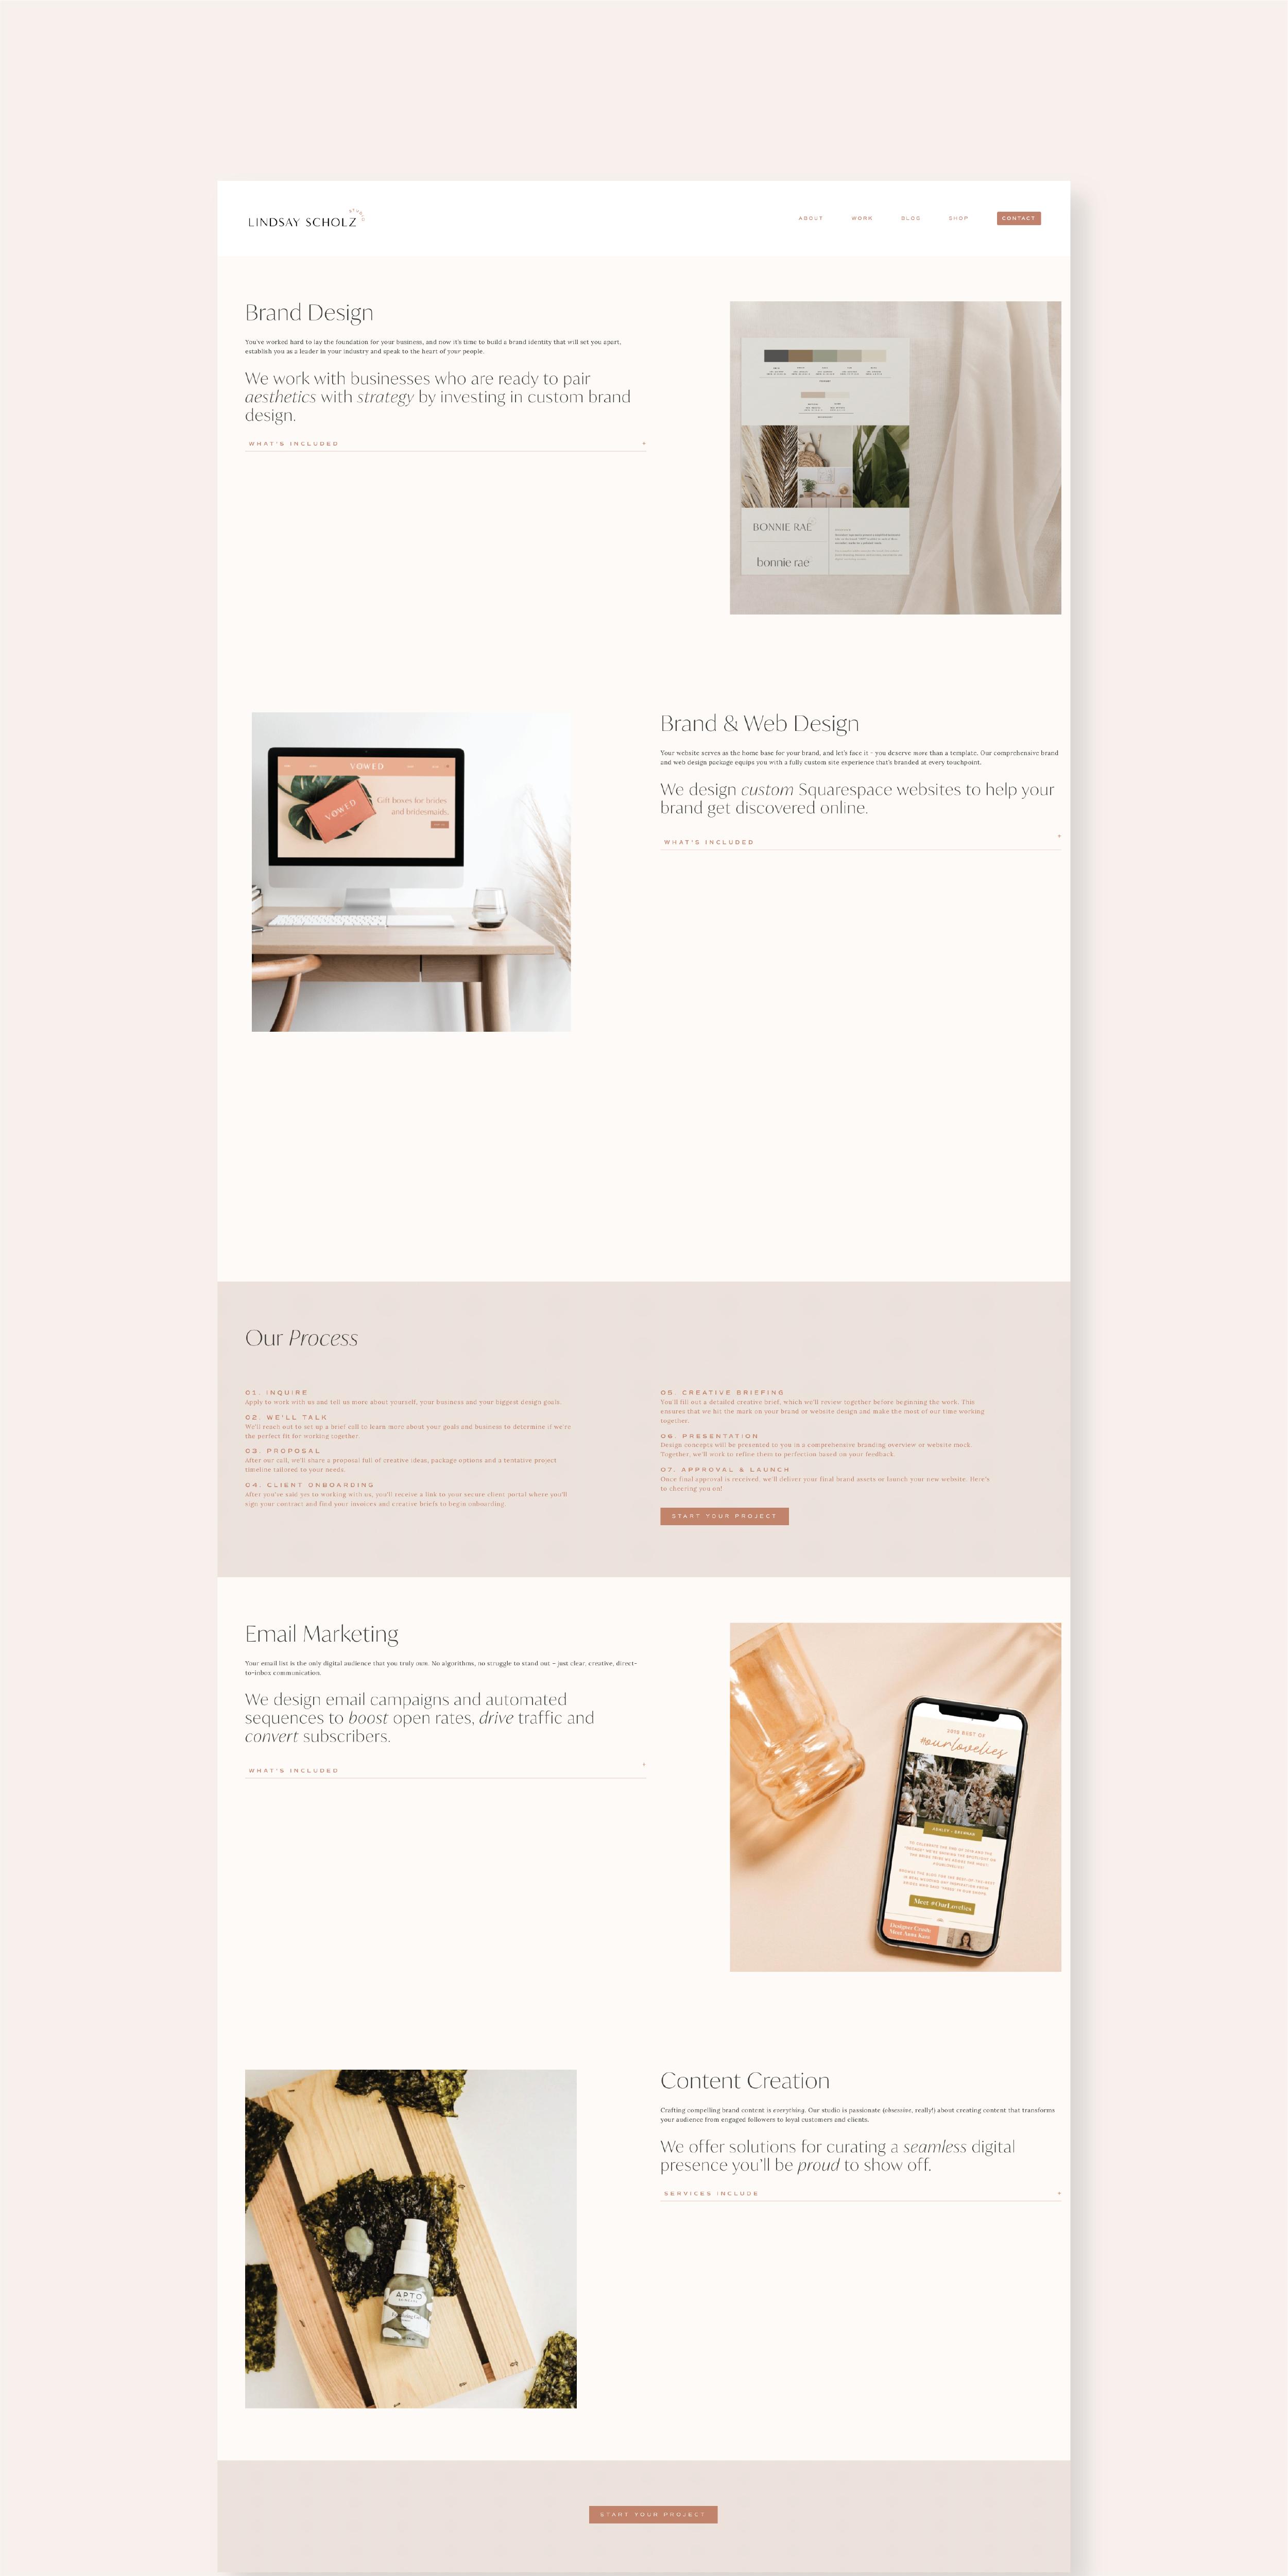 Minimalist Squarespace Website Design Inspiration In 2020 Website Design Inspiration Squarespace Website Design Website Design